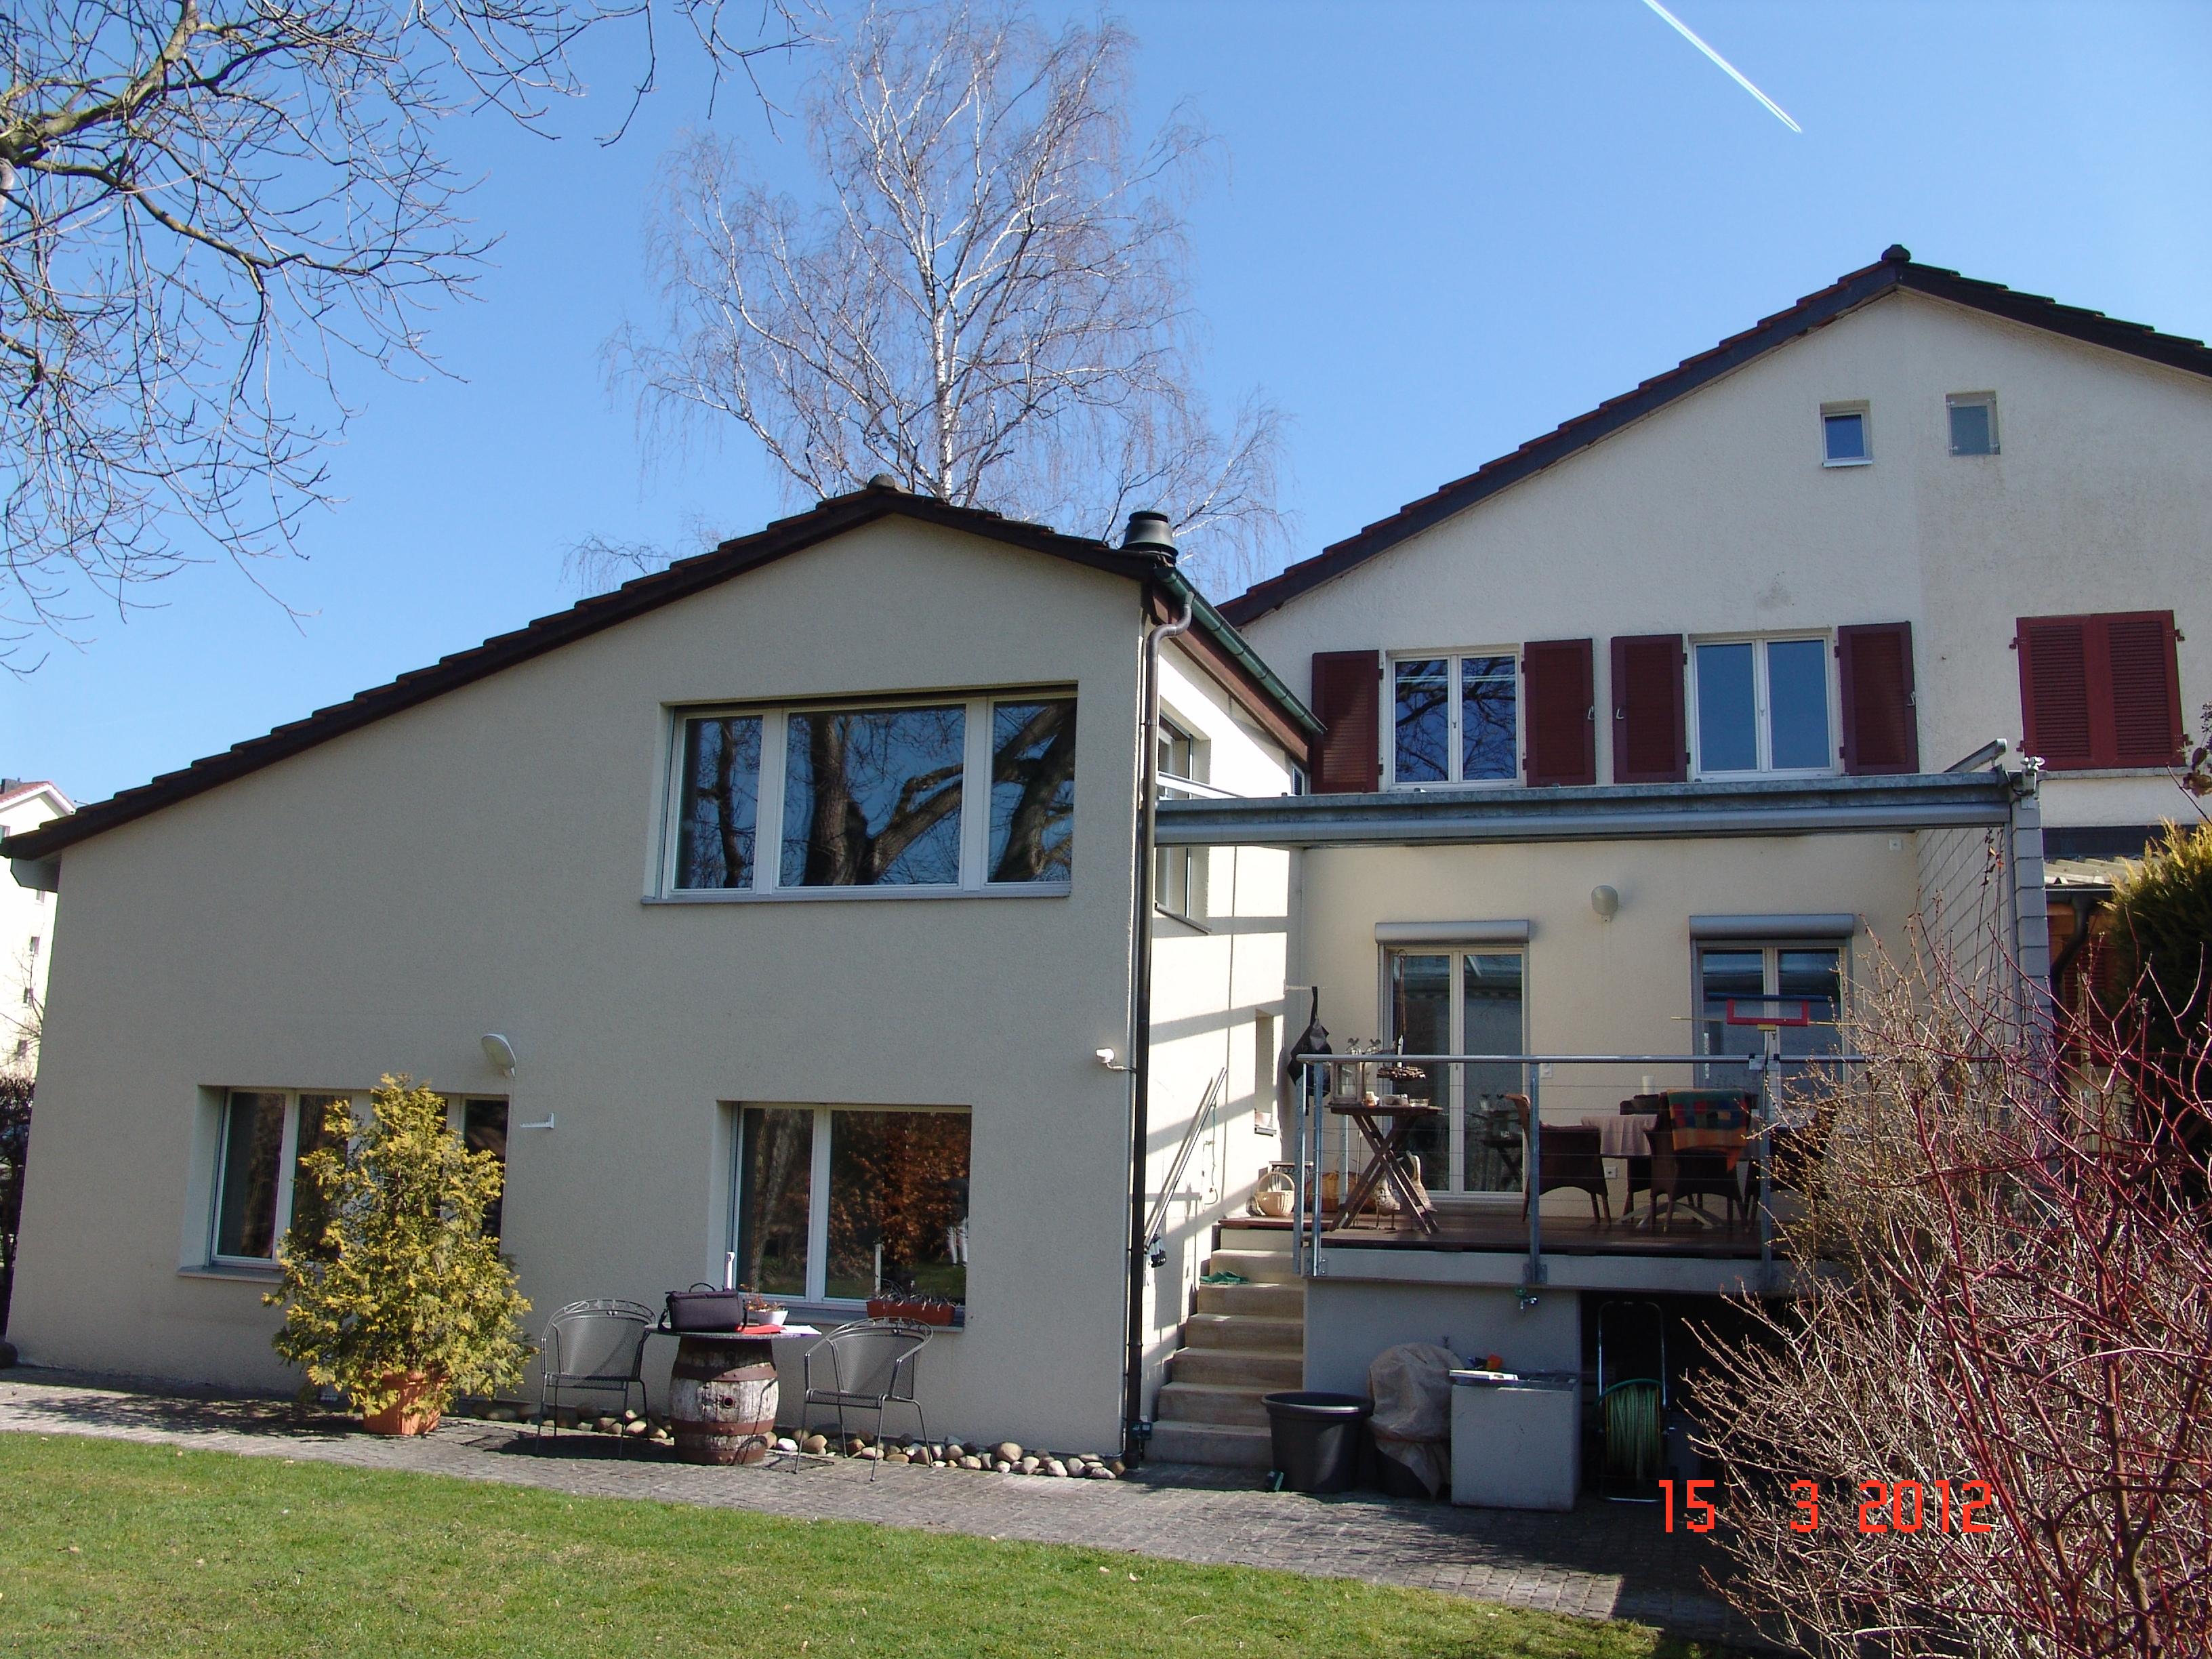 Malerarbeiten in Winterthur